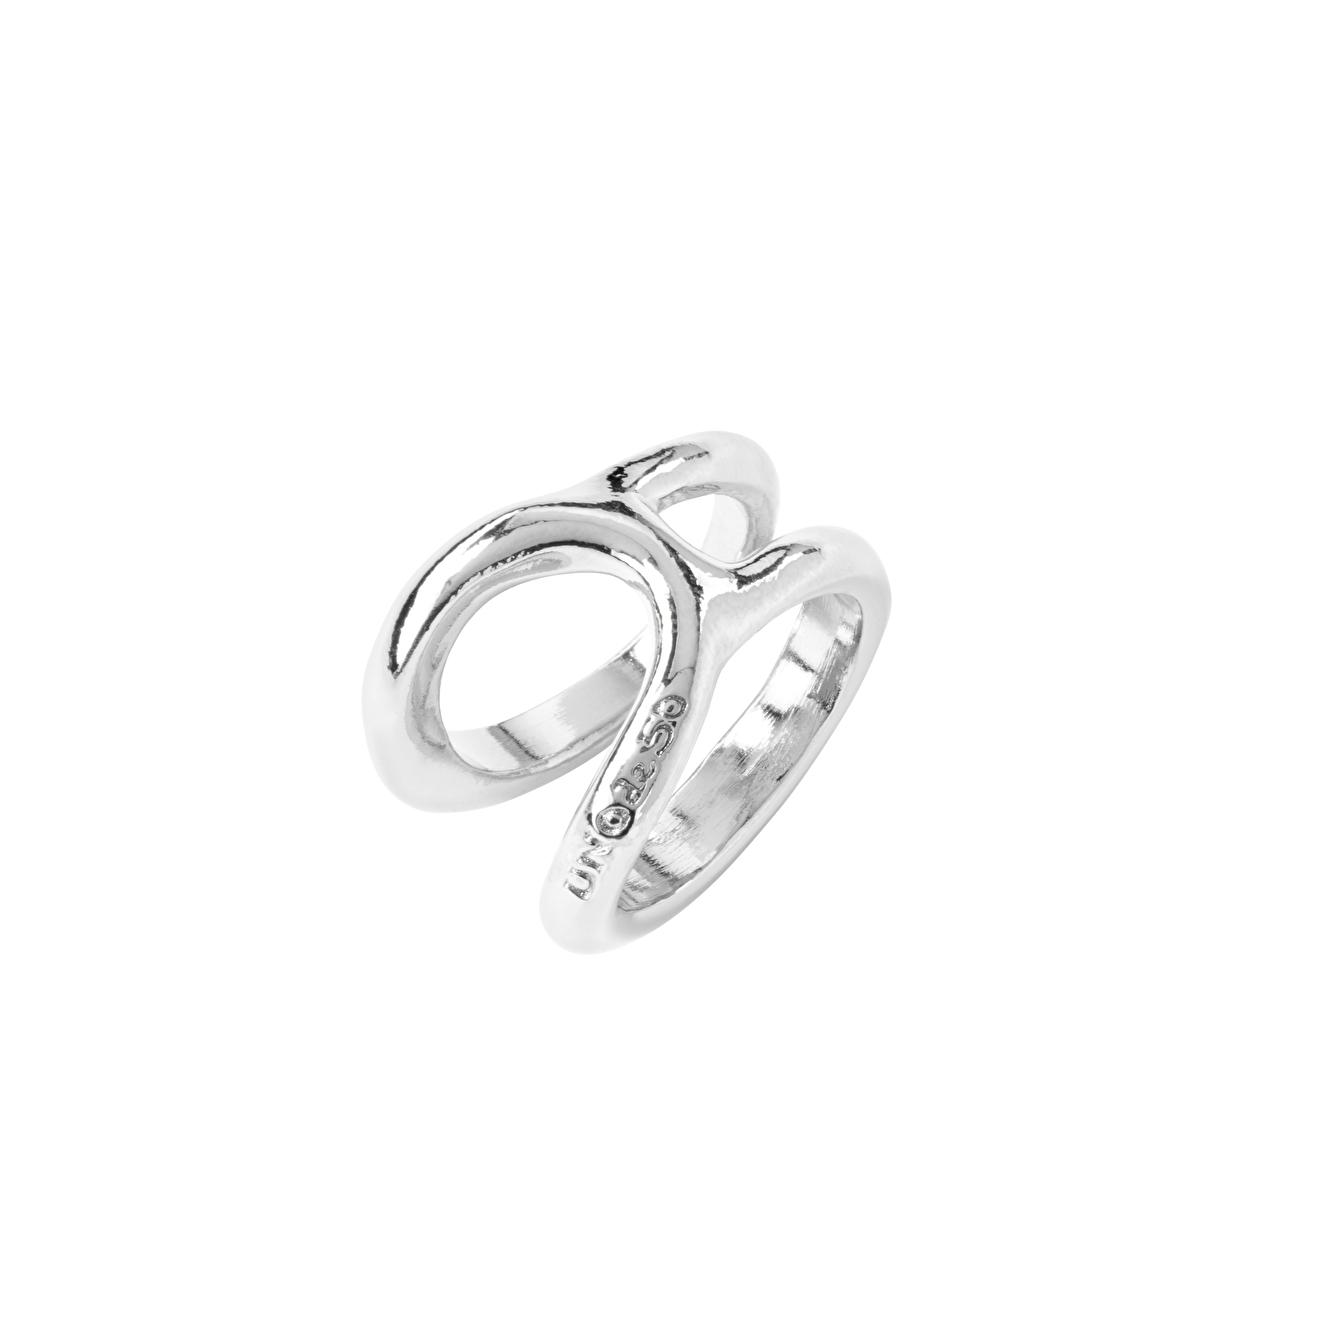 Unode50 Покрытое серебром кольцо Shortcut, из коллекции China